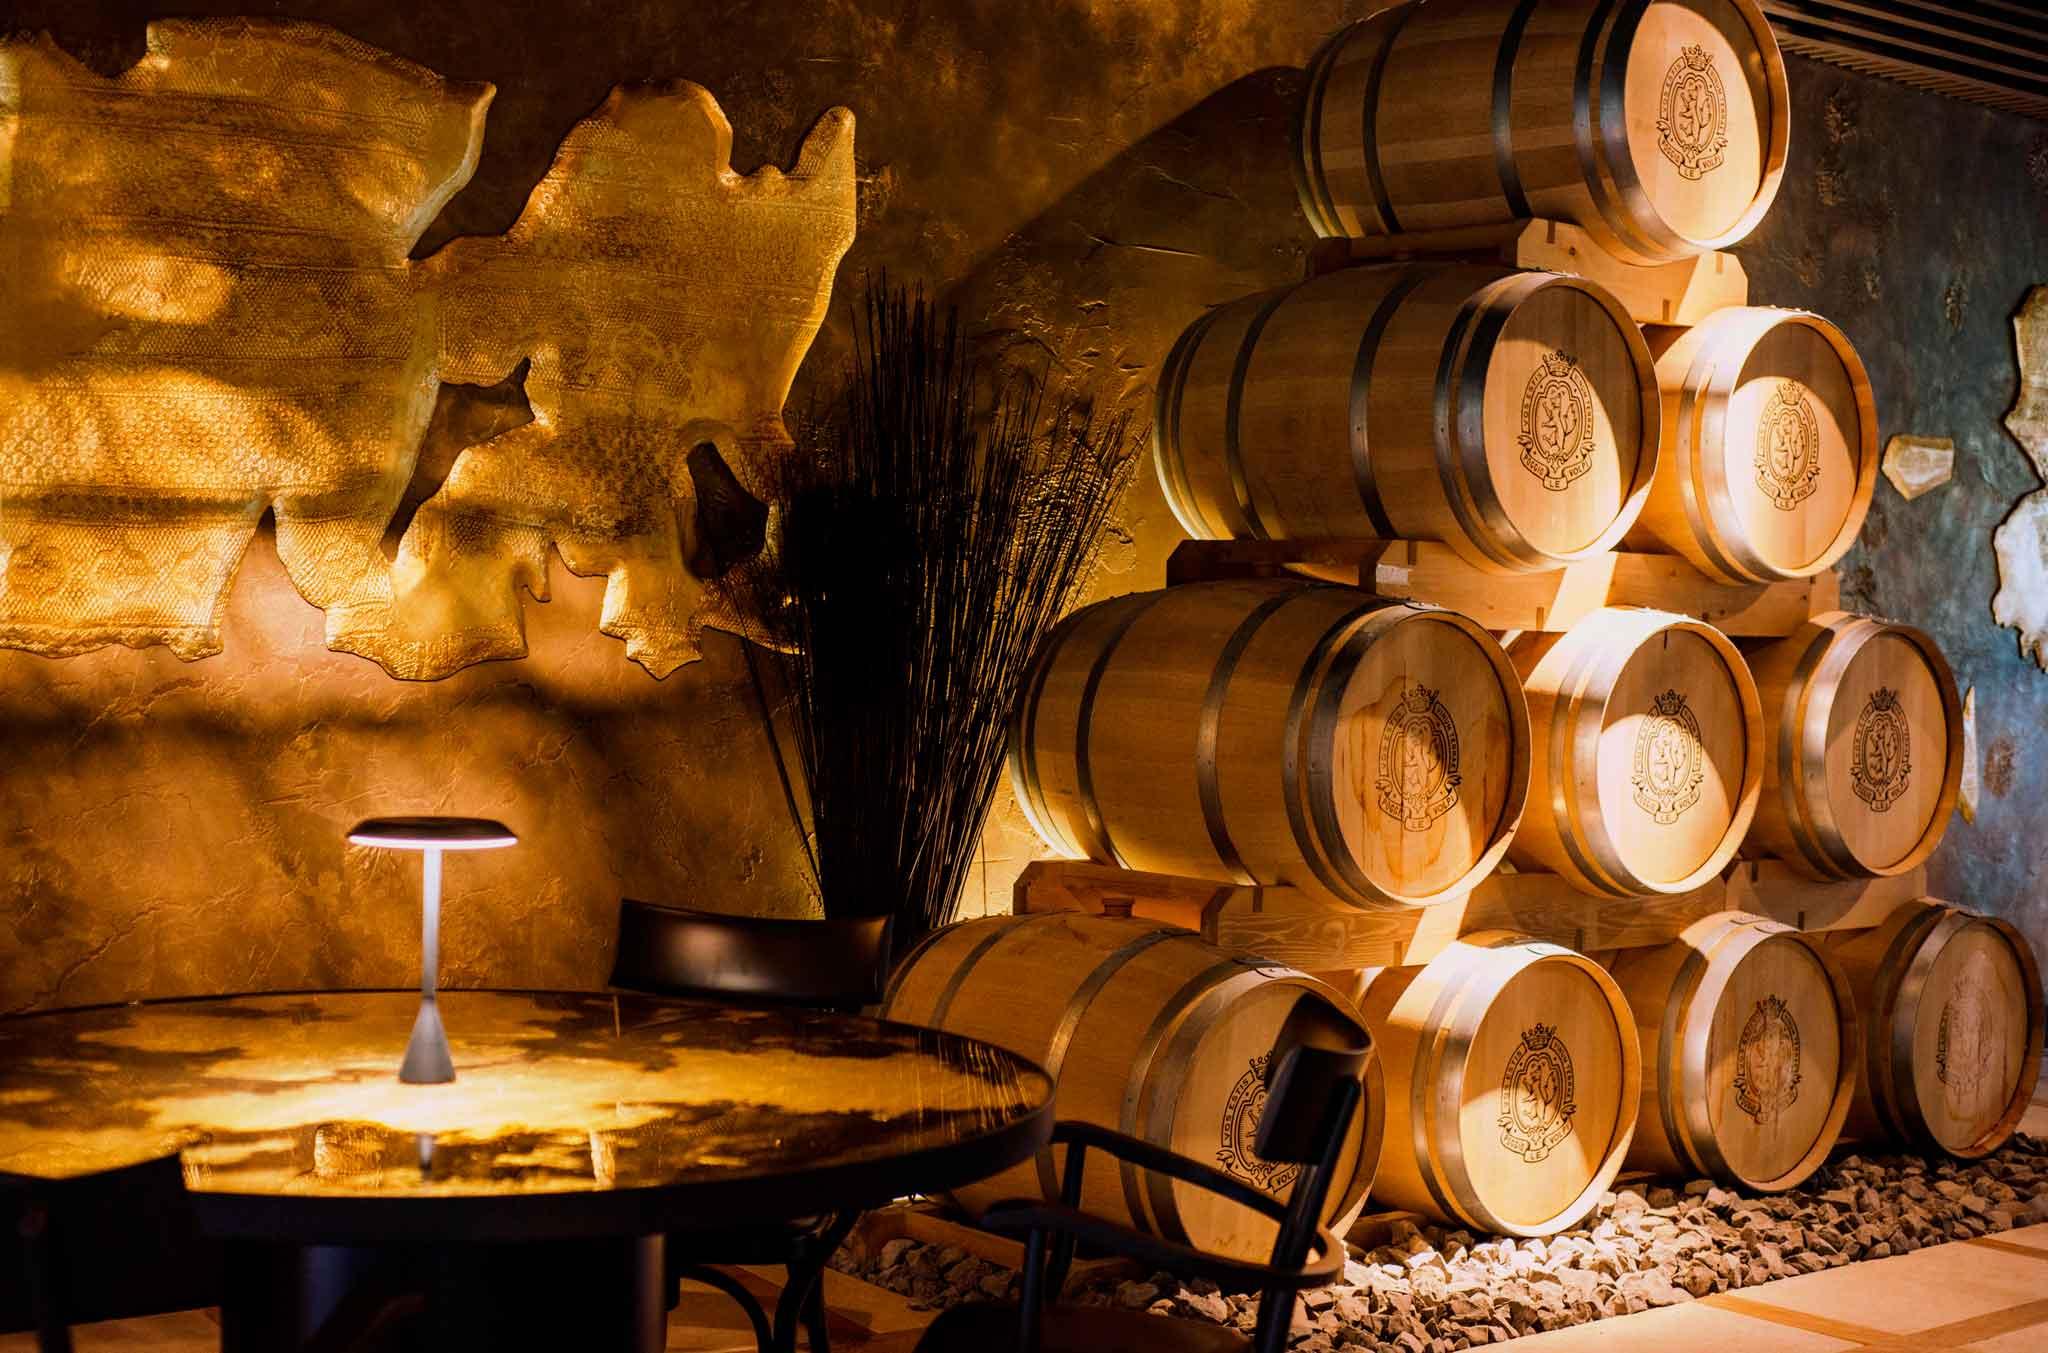 Nuova braceria e ristorante per Oliver Glowig a Monte Porzio Catone